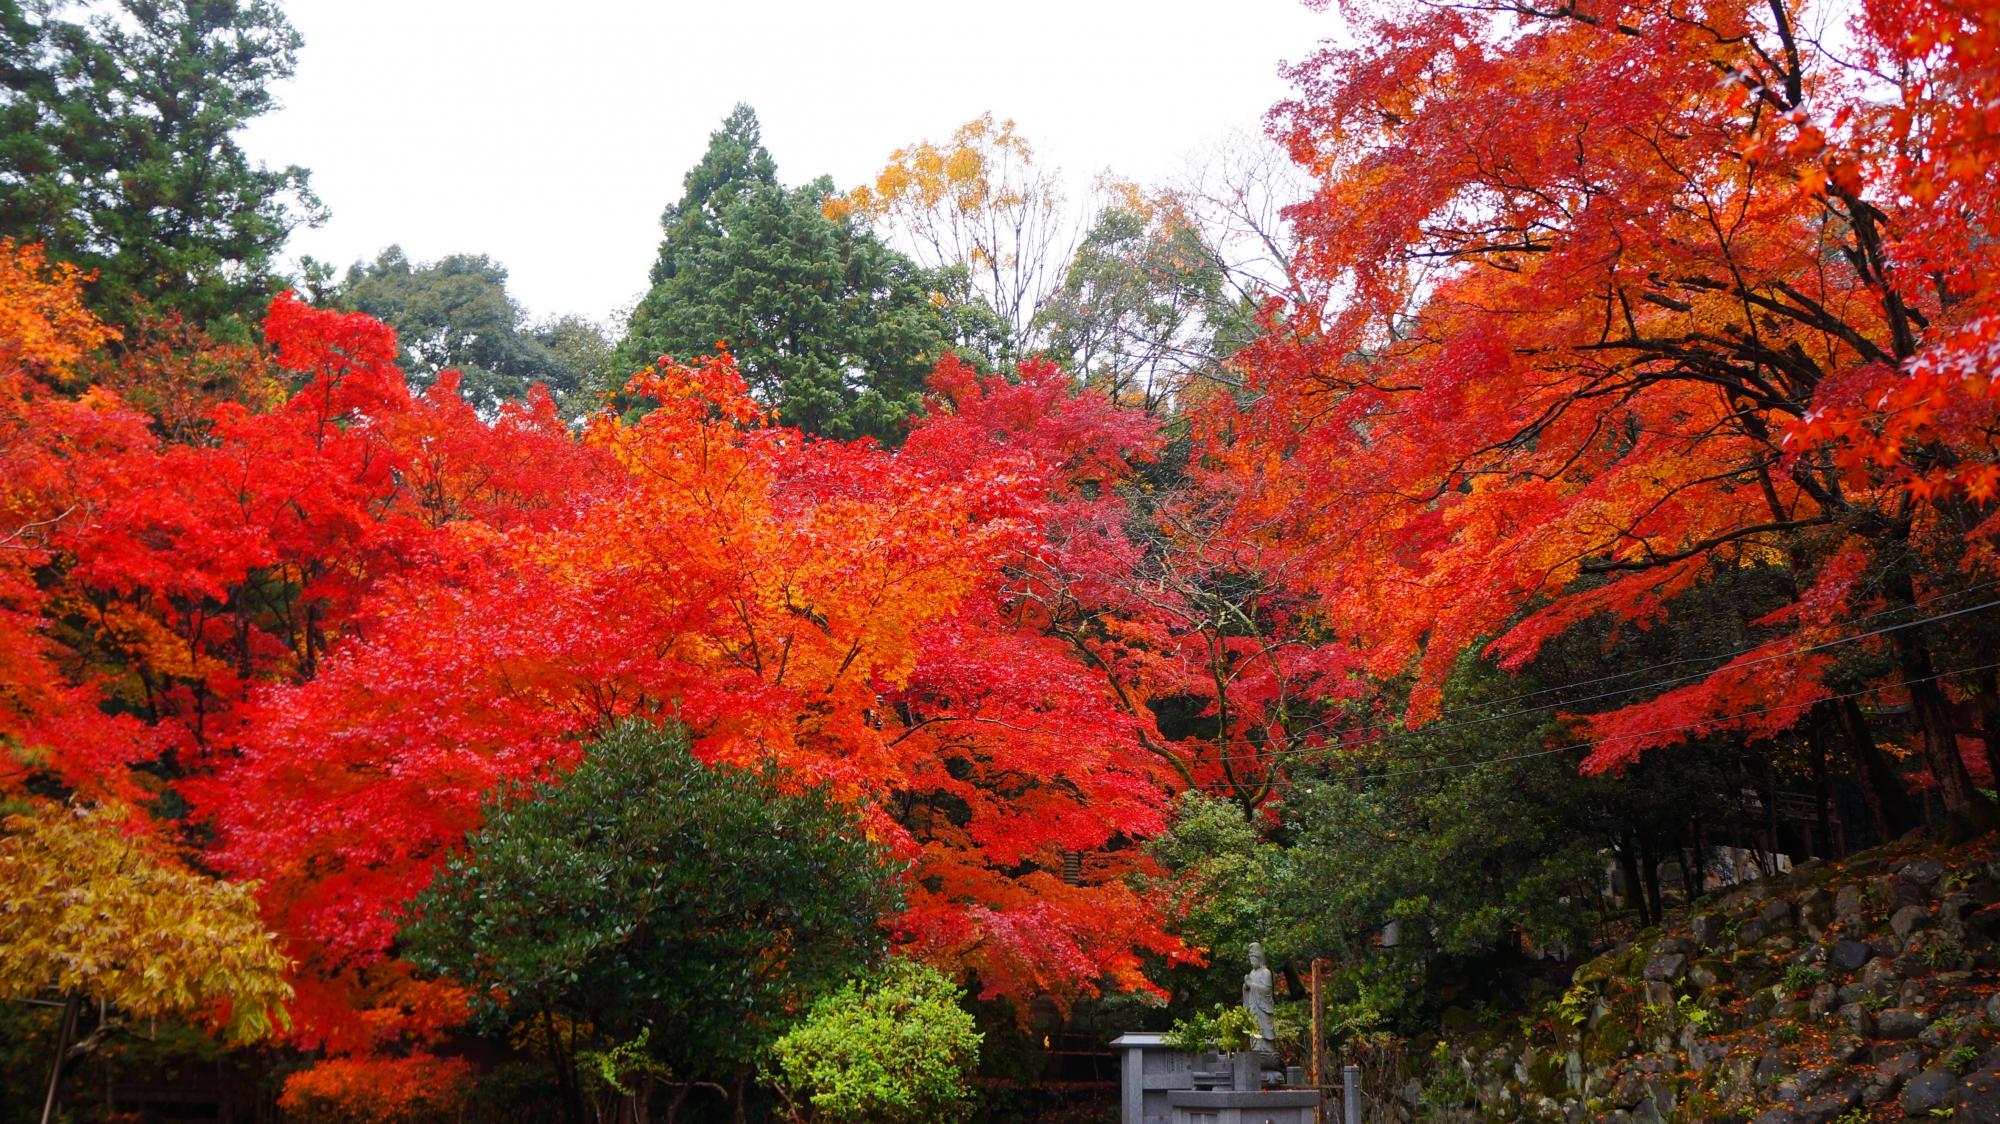 栖賢寺の庭園の見ごろの紅葉